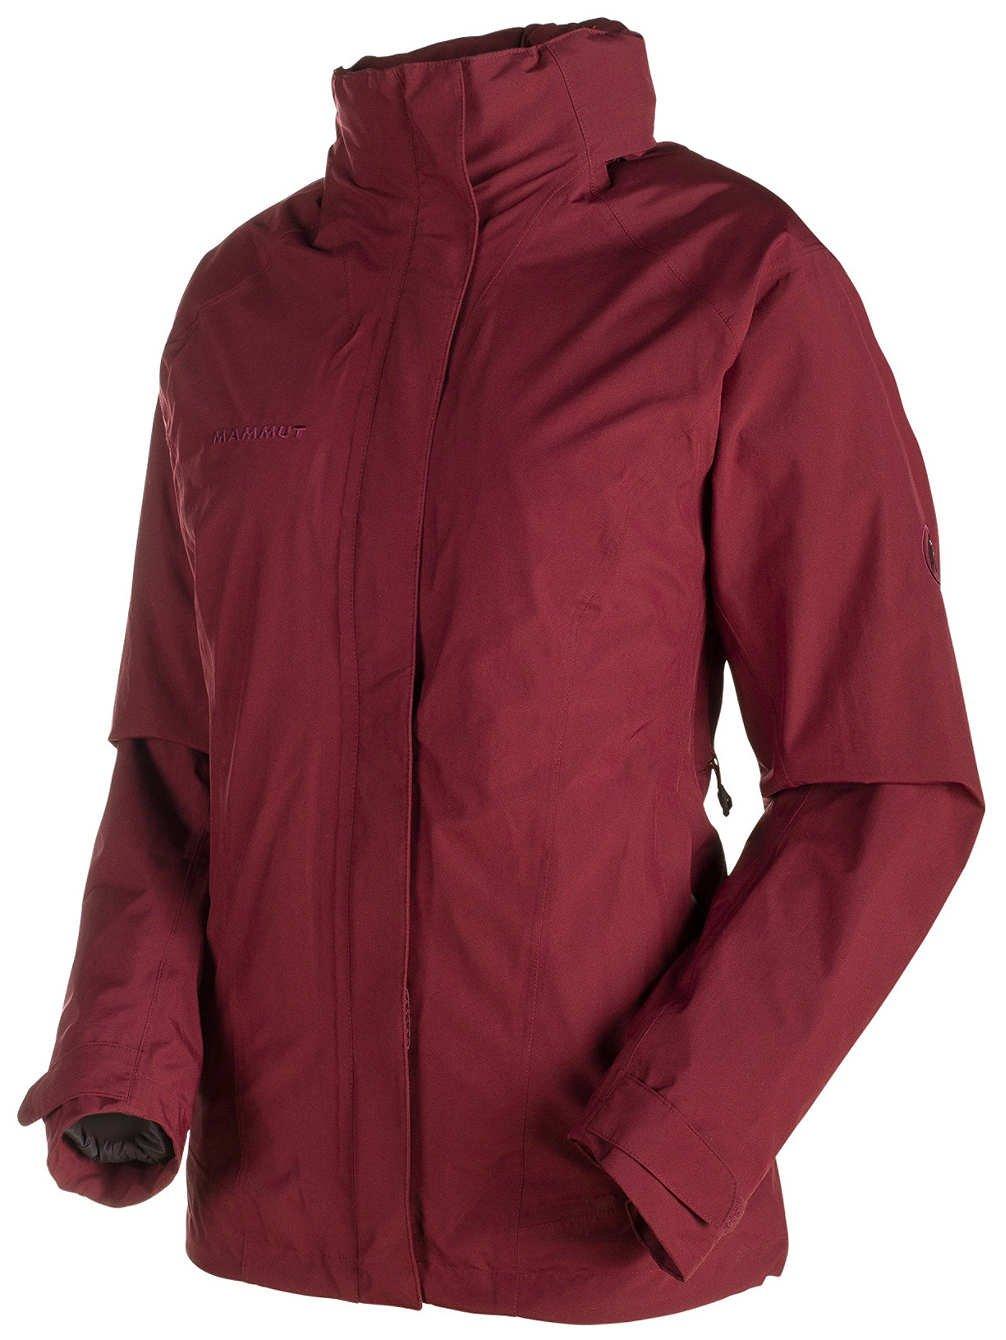 【即納!最大半額!】 Mammut Ayaka Ayaka 4-S Women's Jacket Jacket merlot B072LY781R XL B072LY781R, ヨコガワチョウ:bd106ea2 --- arianechie.dominiotemporario.com